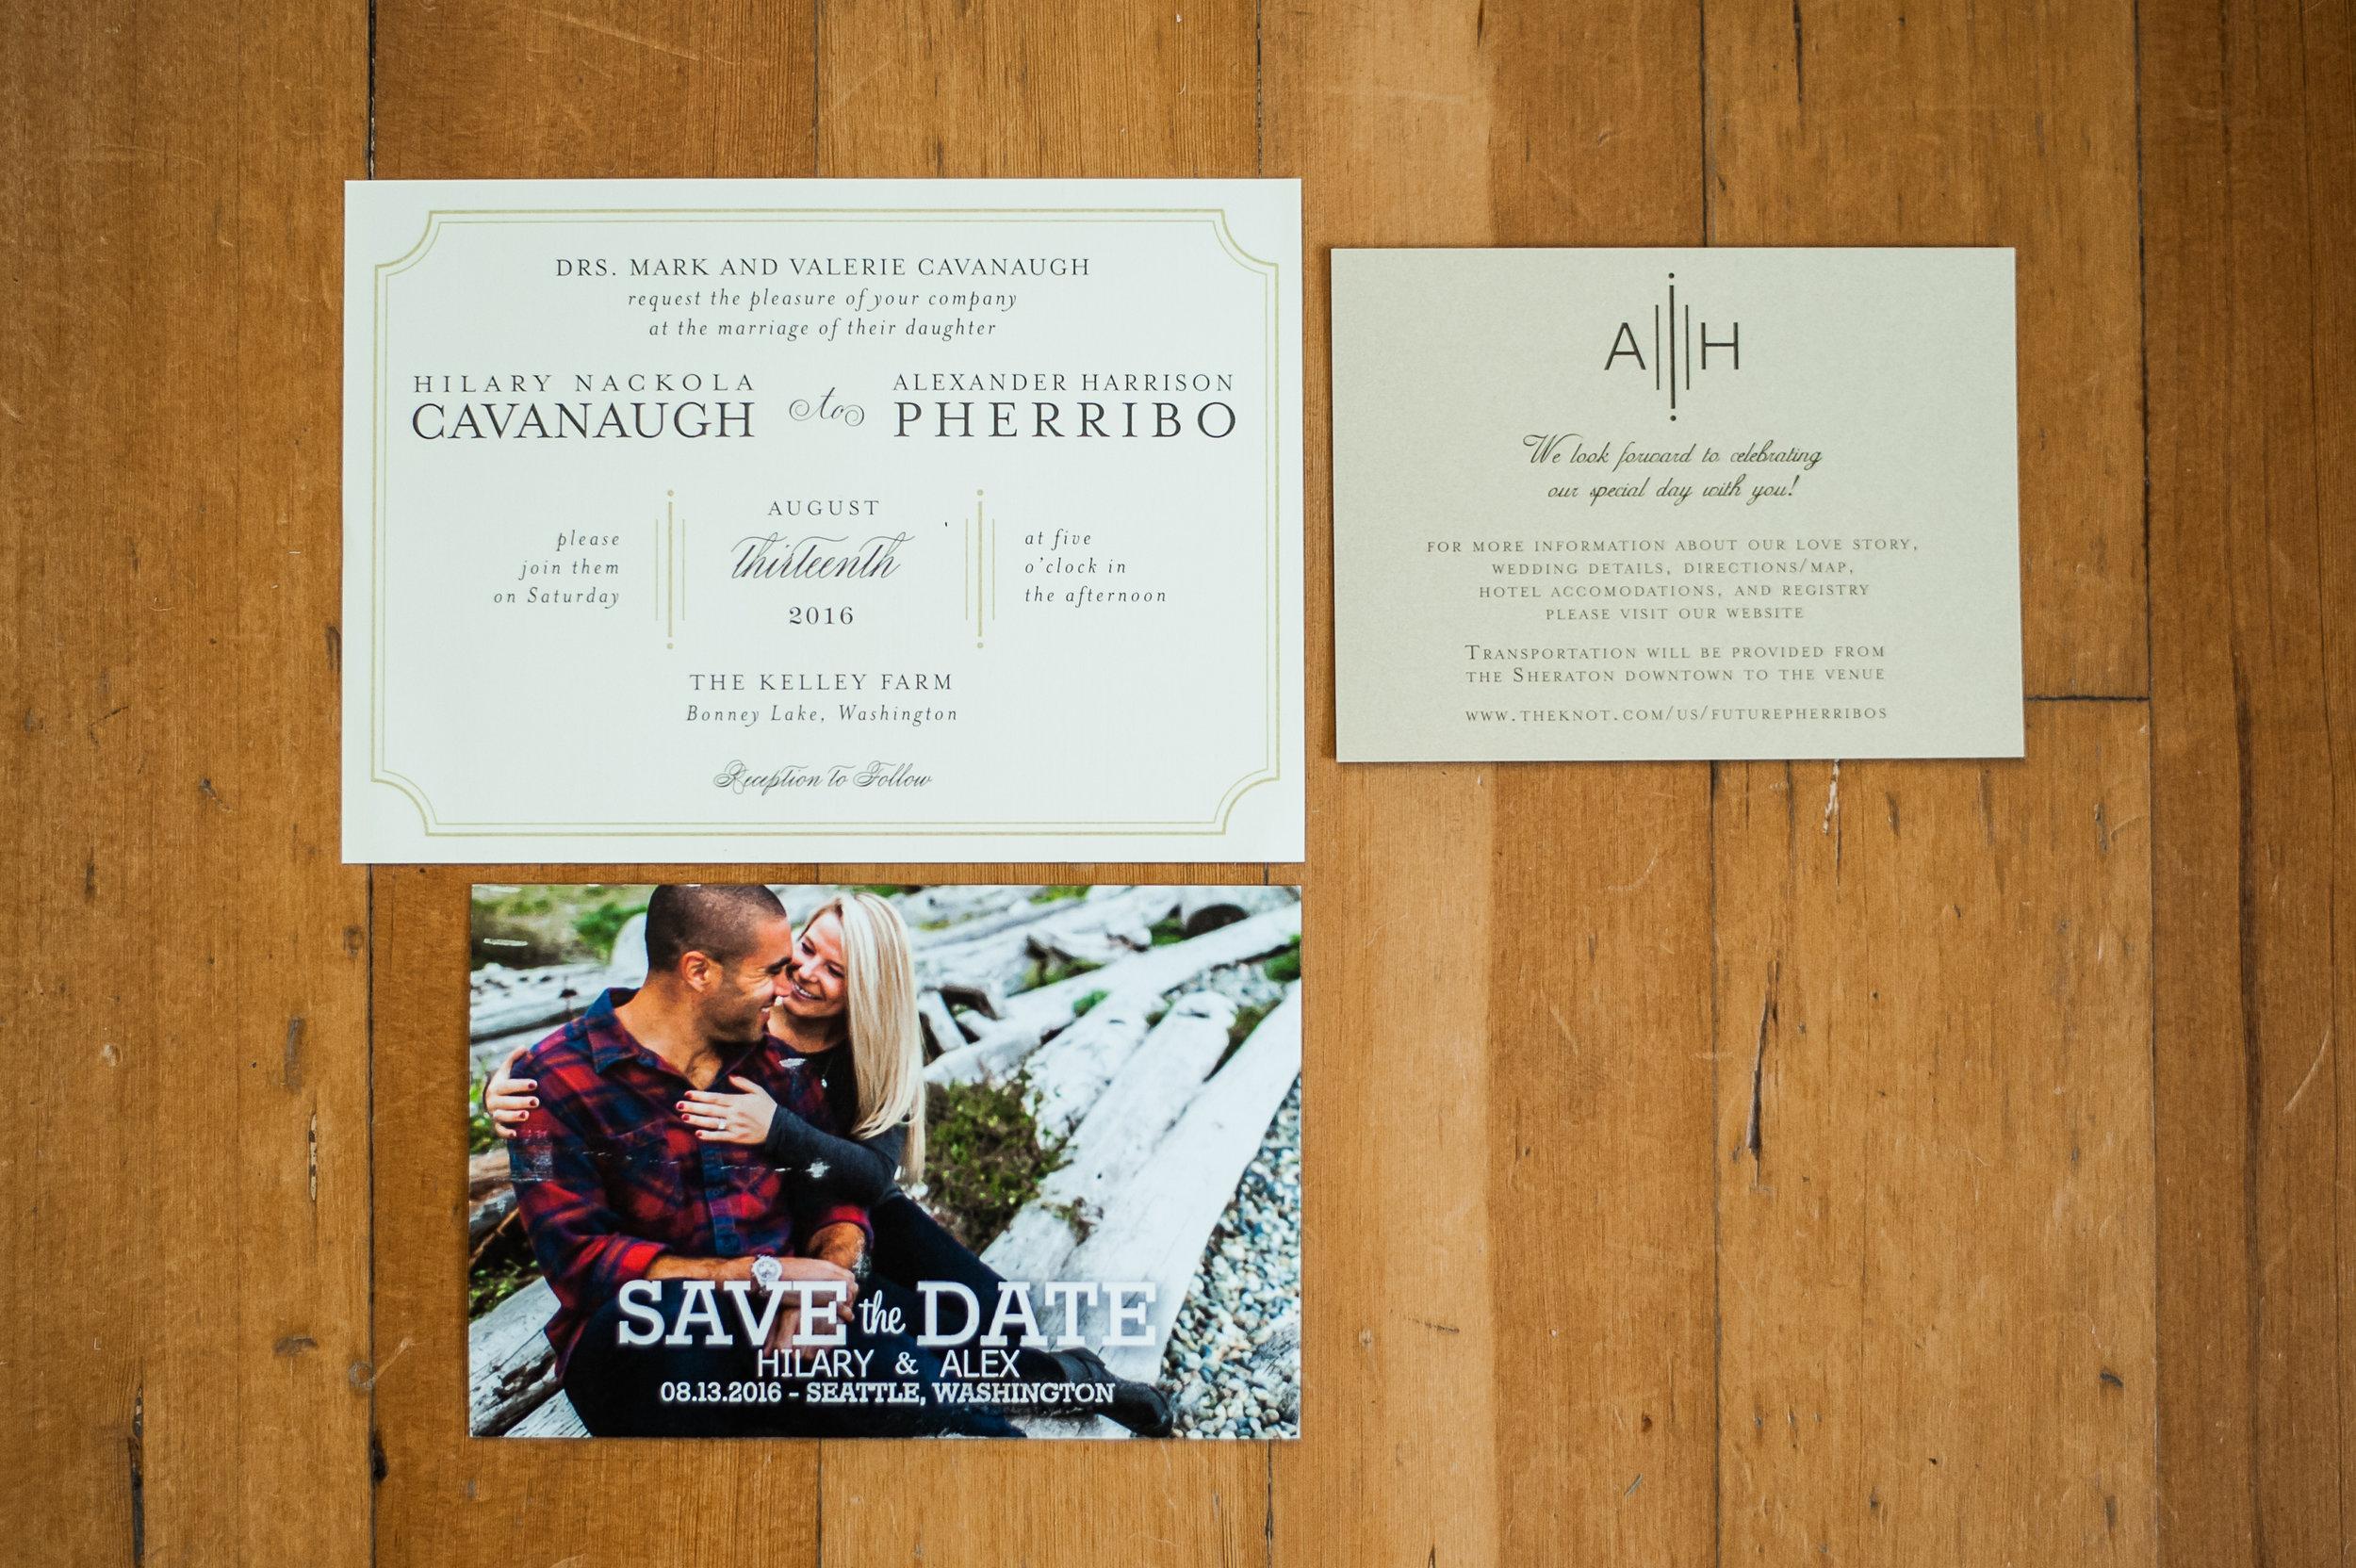 HA-wedding-Van-Wyhe-Photography-009.jpg